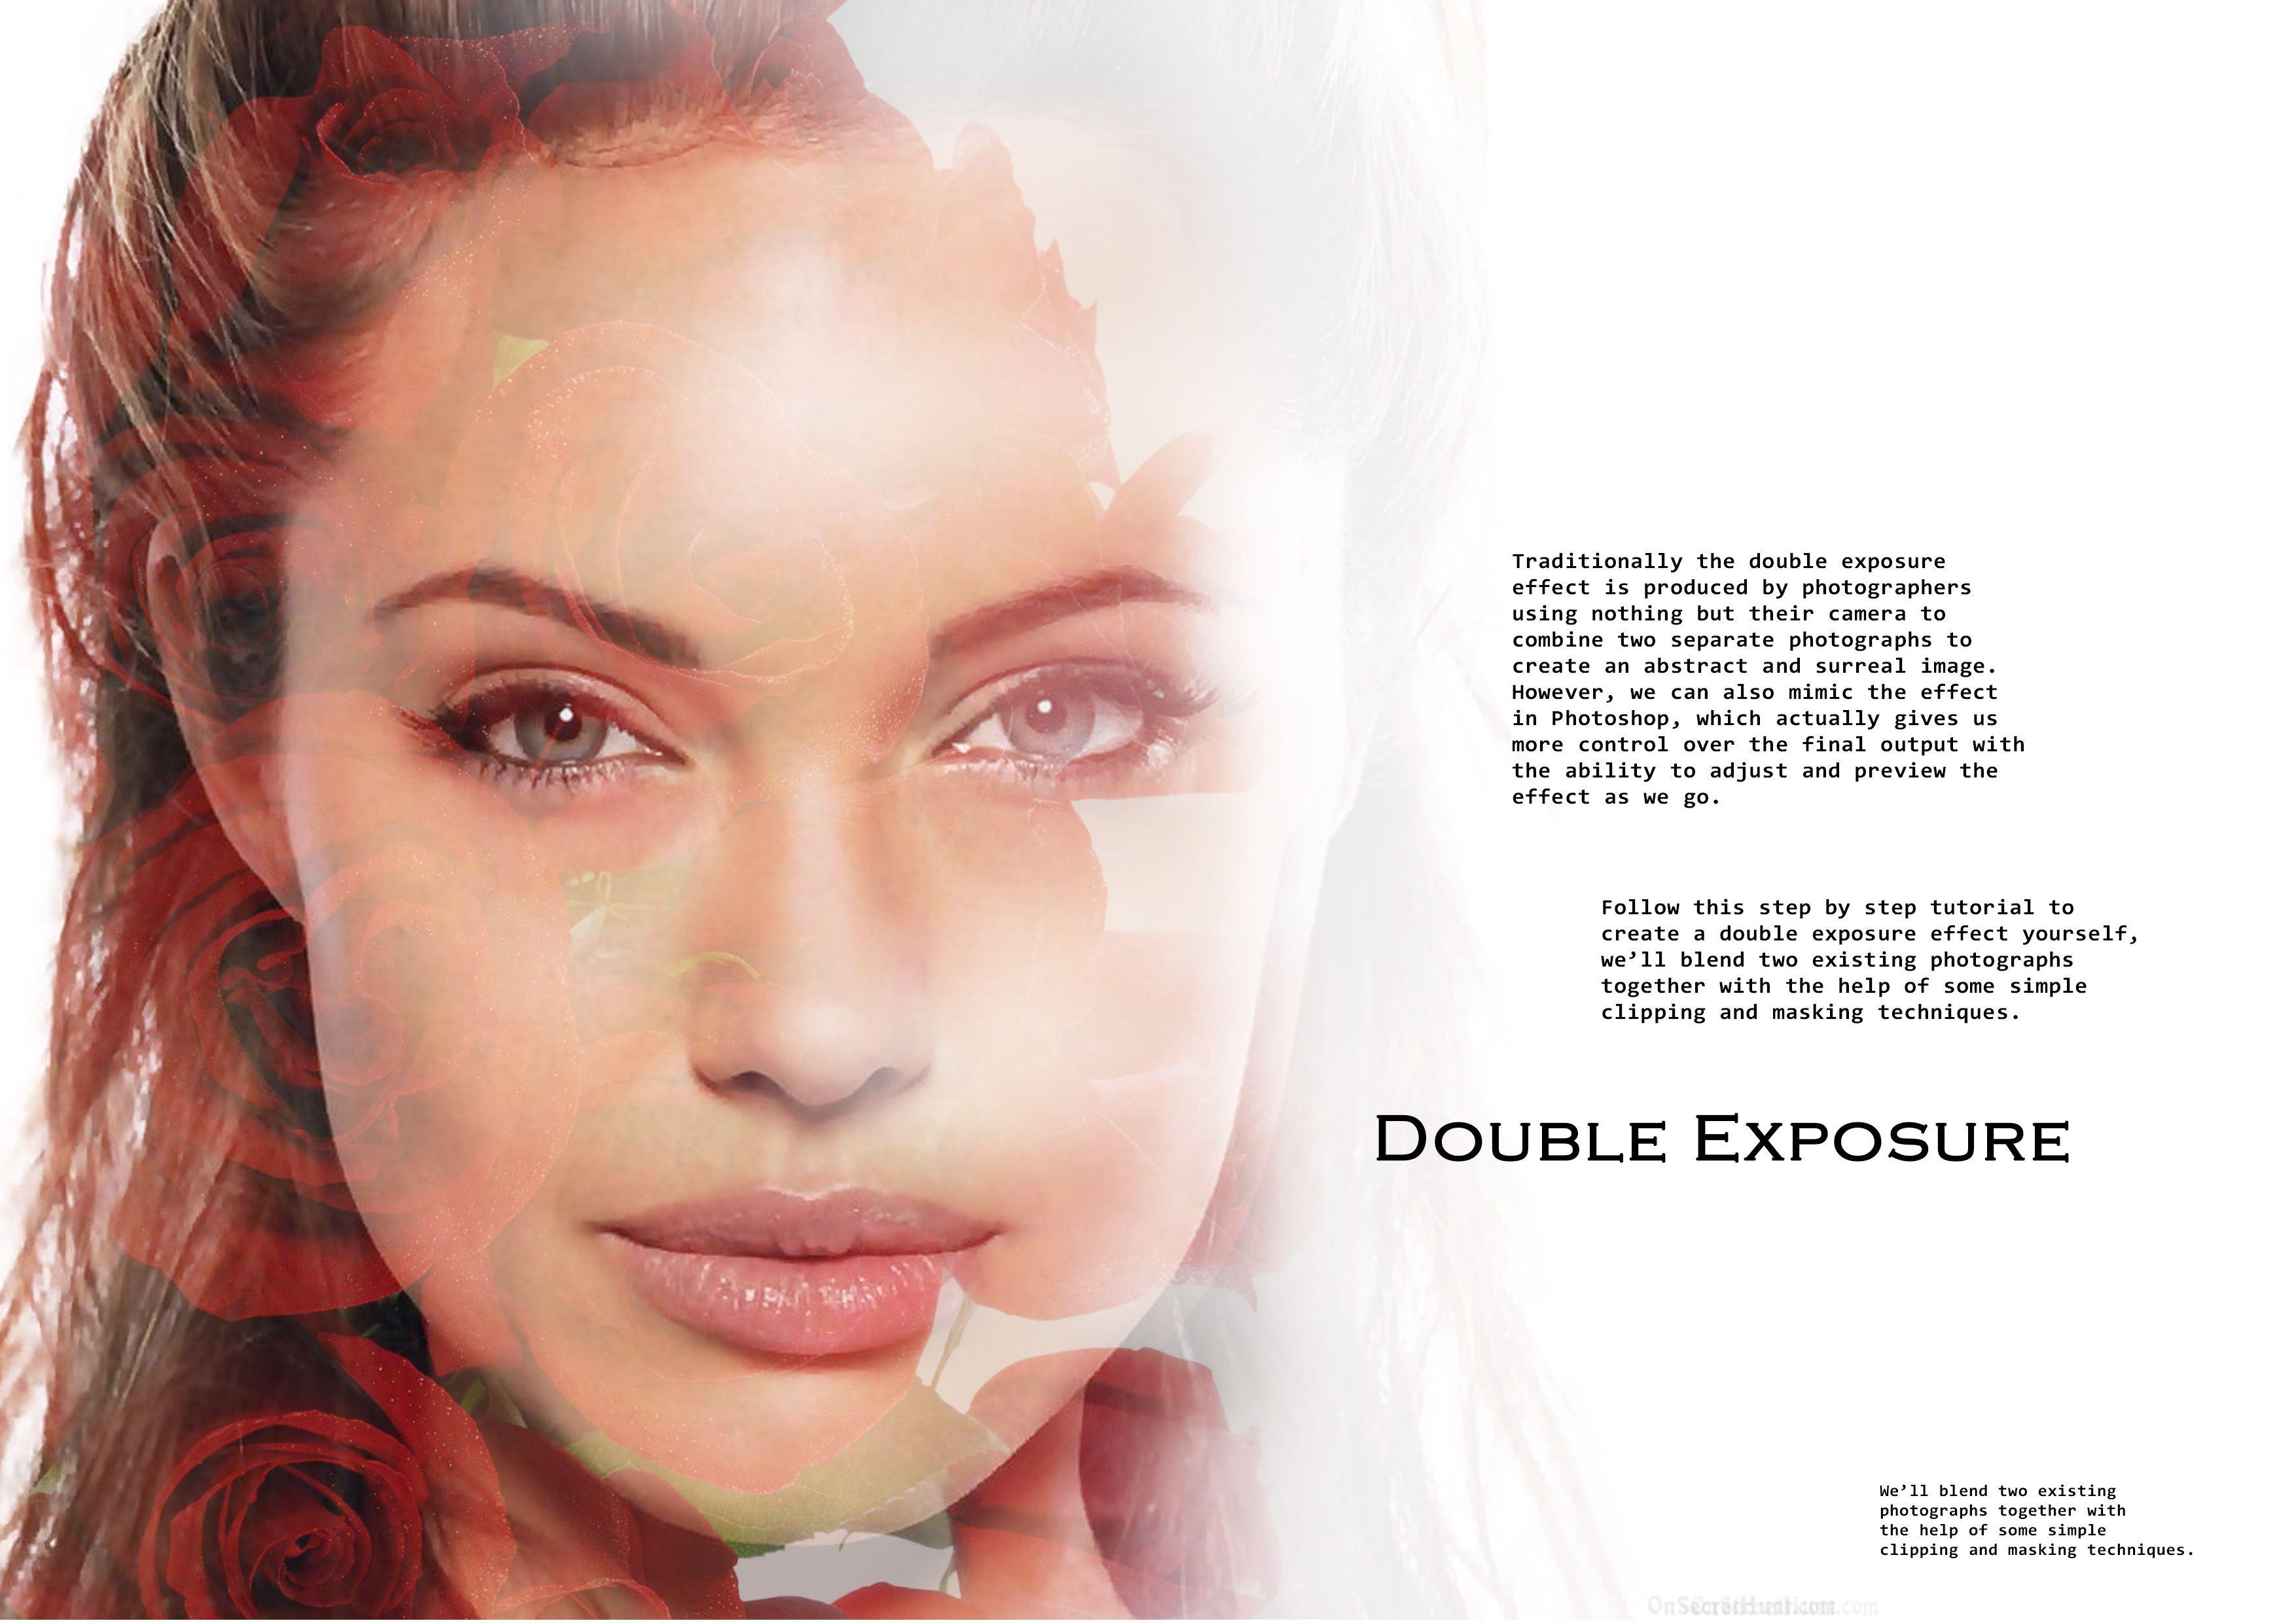 Double Exposure Effect practice